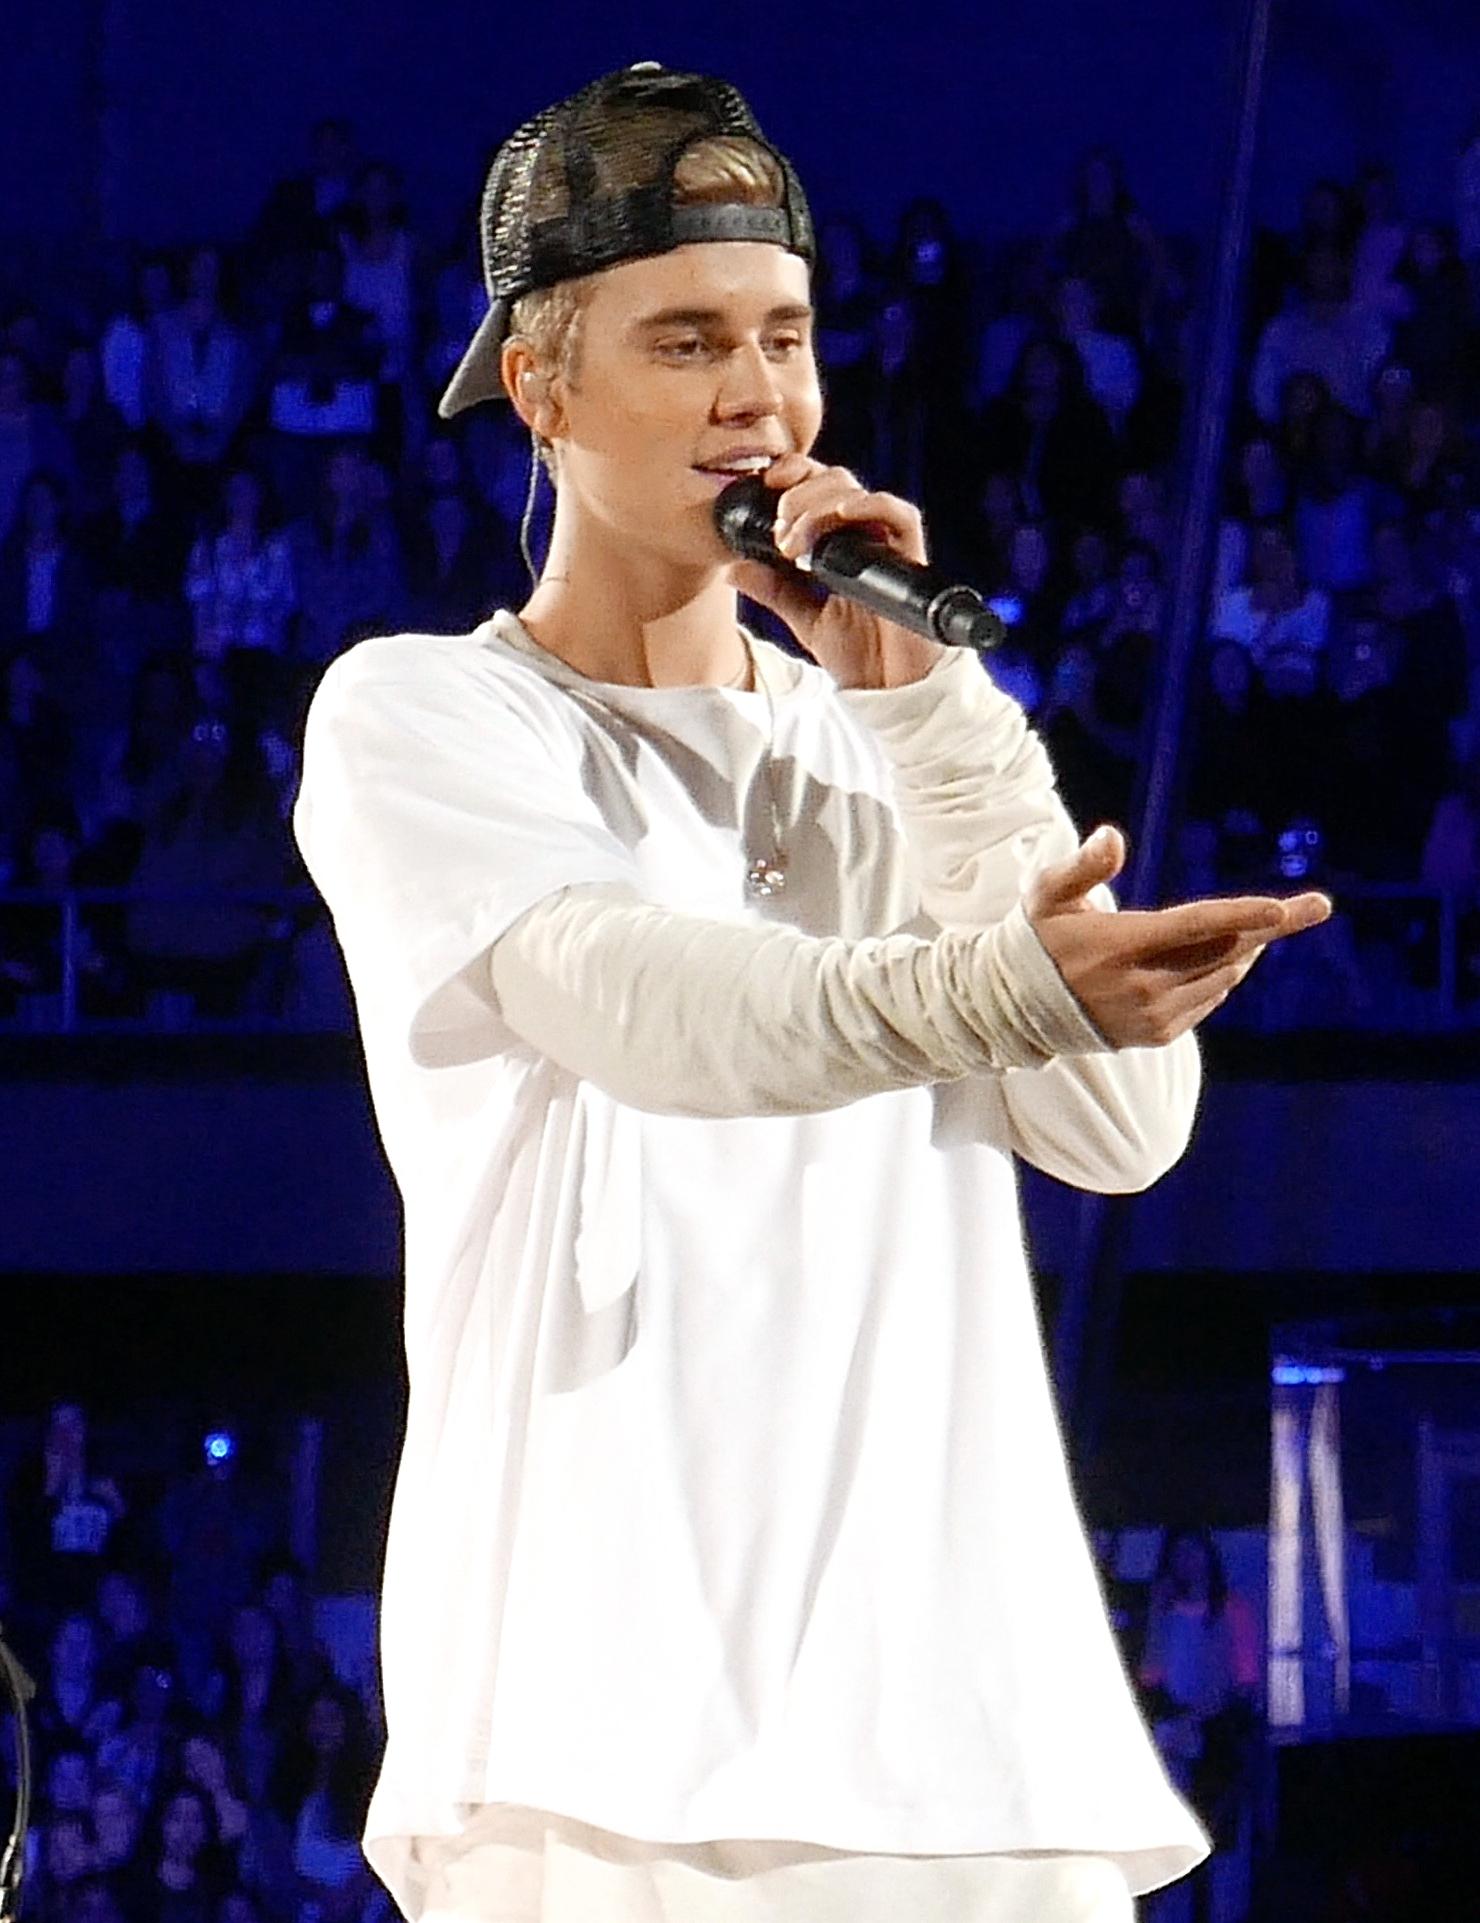 Justin Bieber, mon 10e arrière-petit-cousin